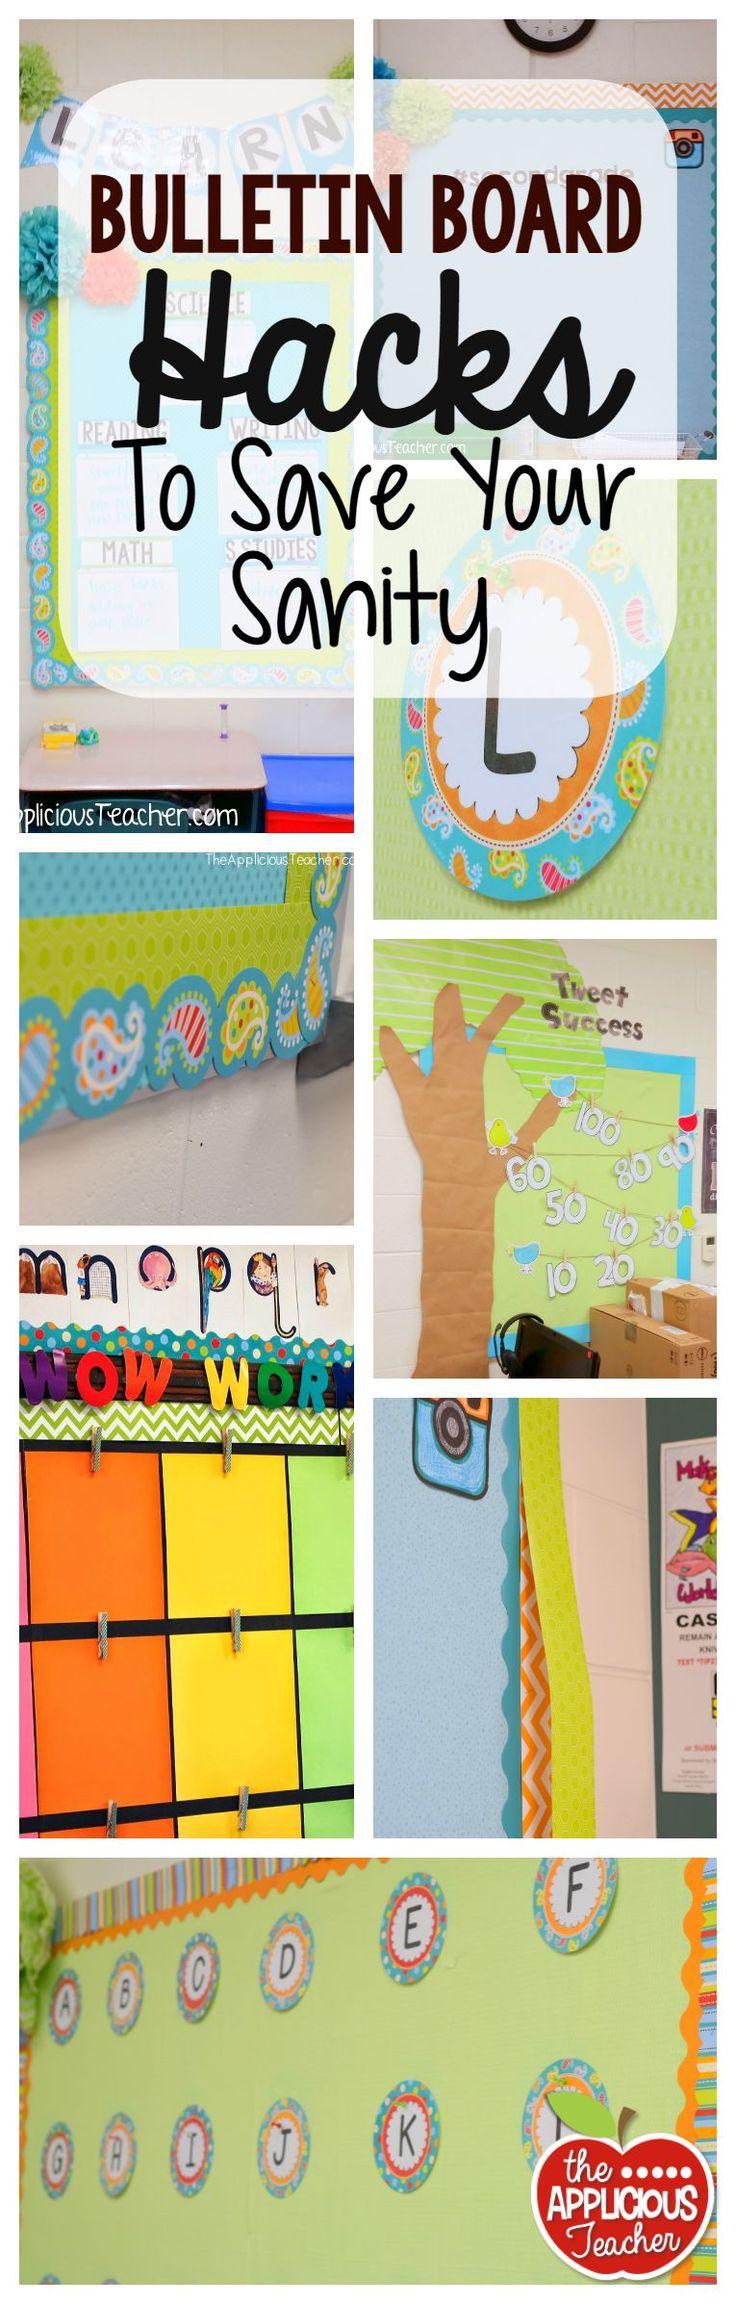 Great Bulletin Board Ideas